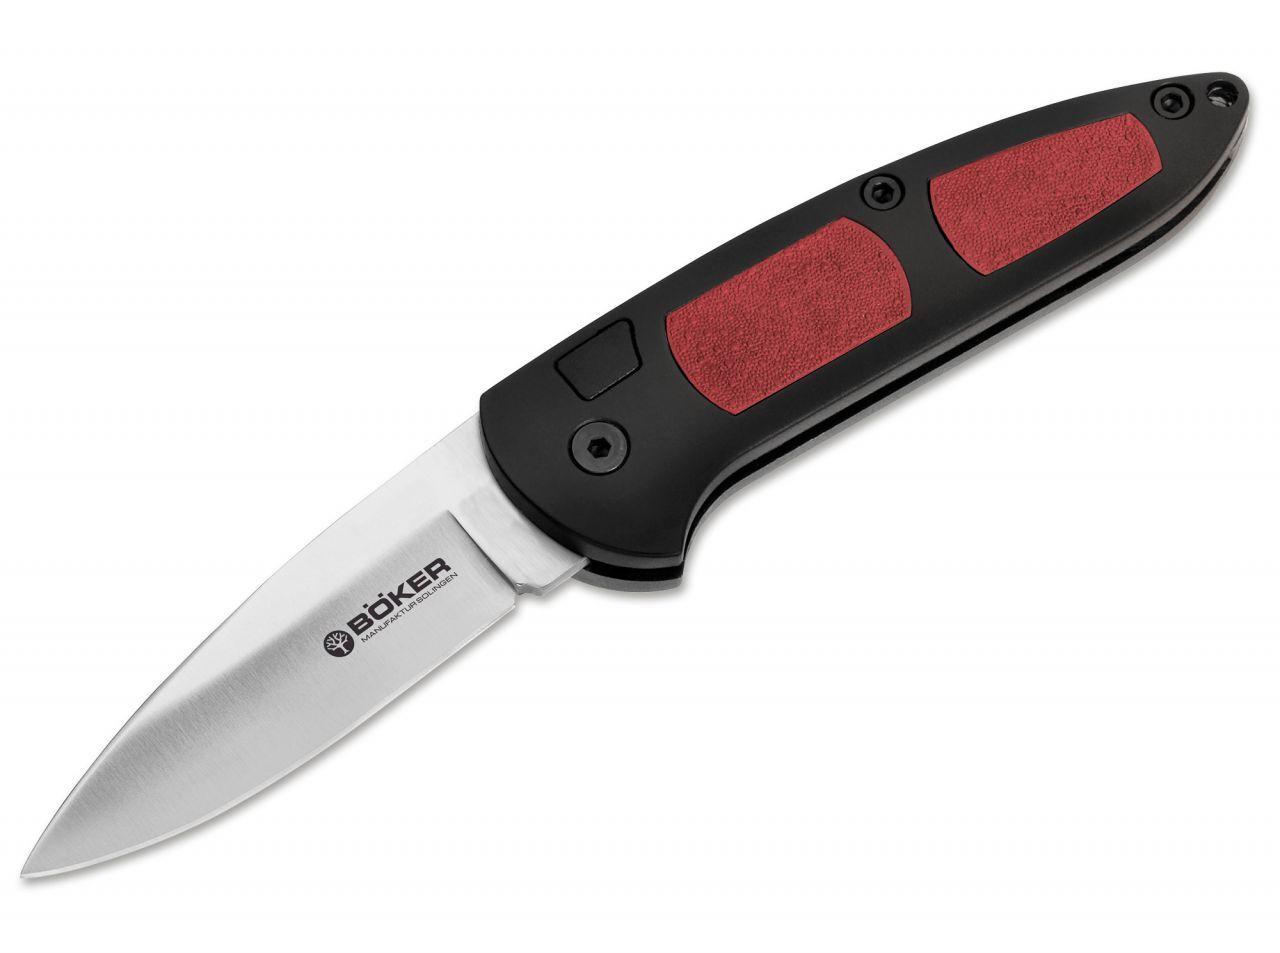 Manufaktur Böker Standard rot 111226 Taschenmesser Messer Messer Messer neu OVP 2f4962